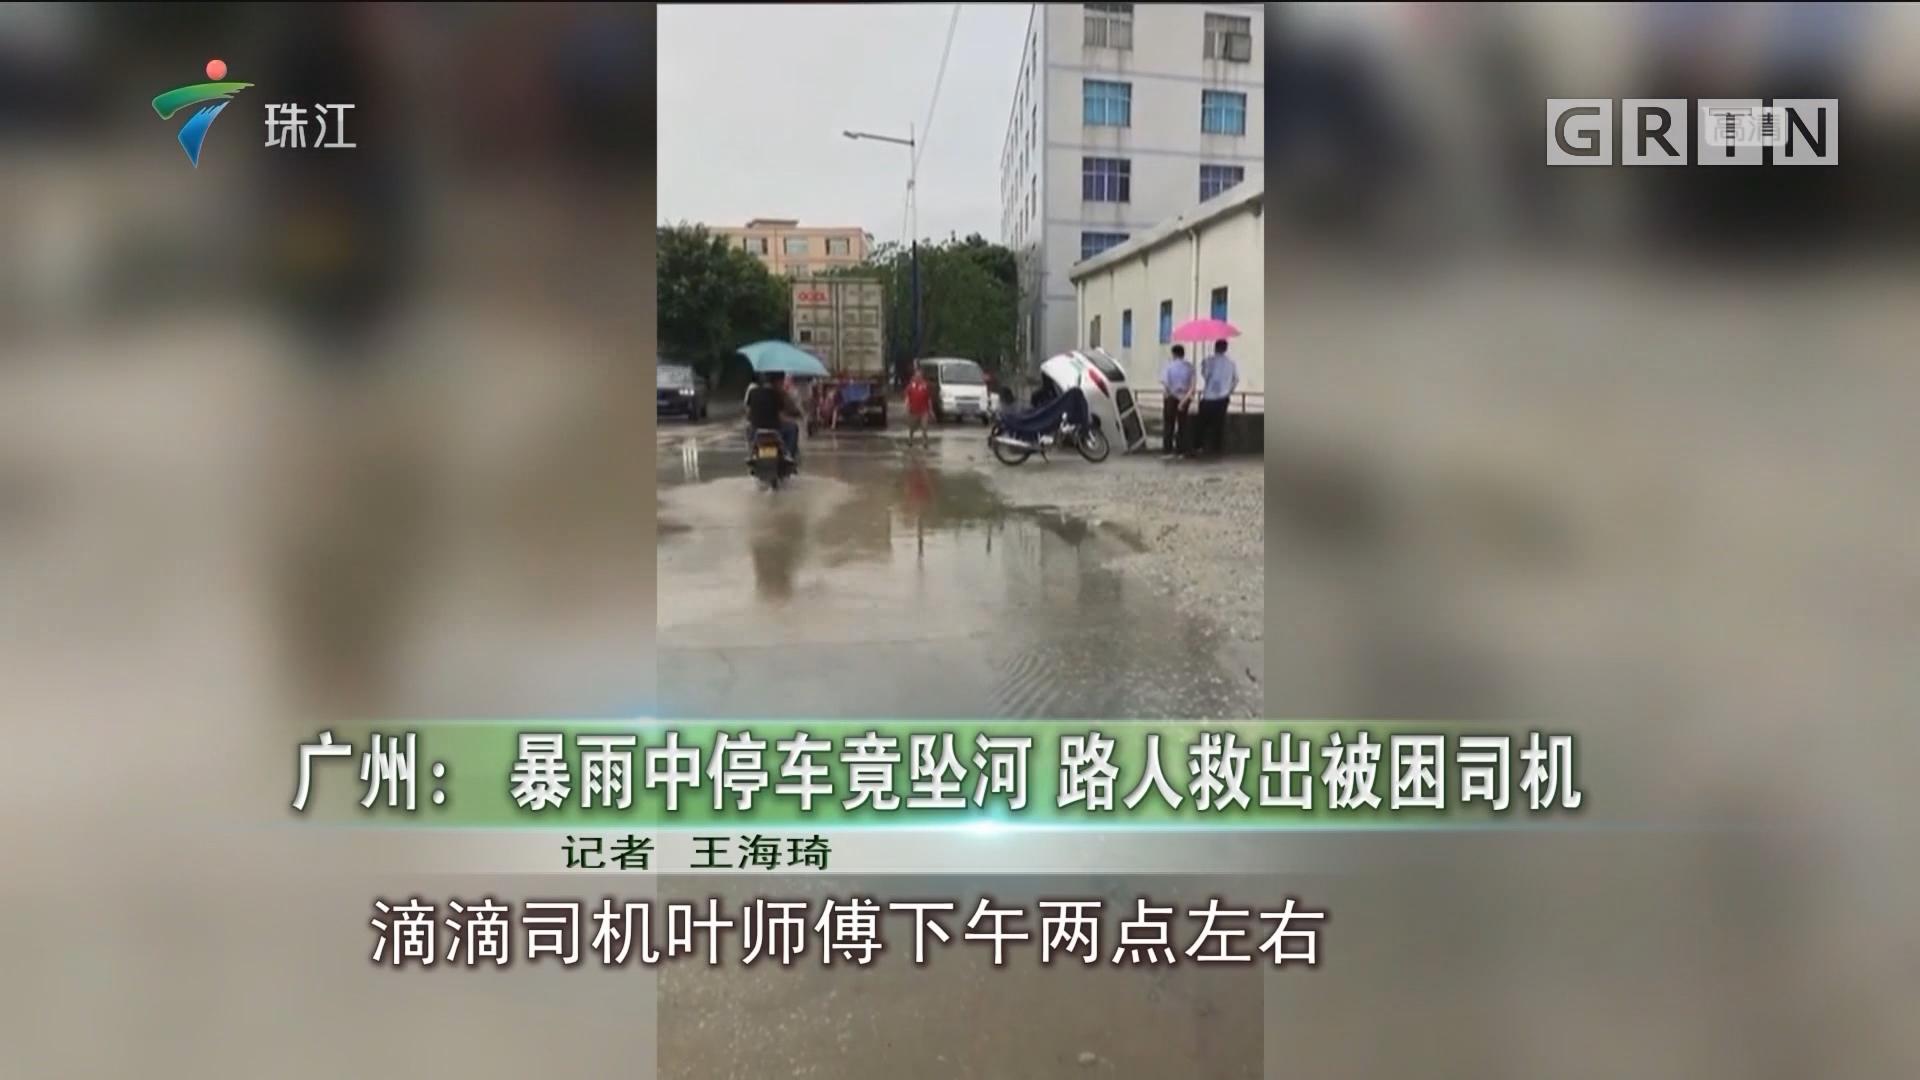 广州:暴雨中停车竟坠河 路人救出被困司机